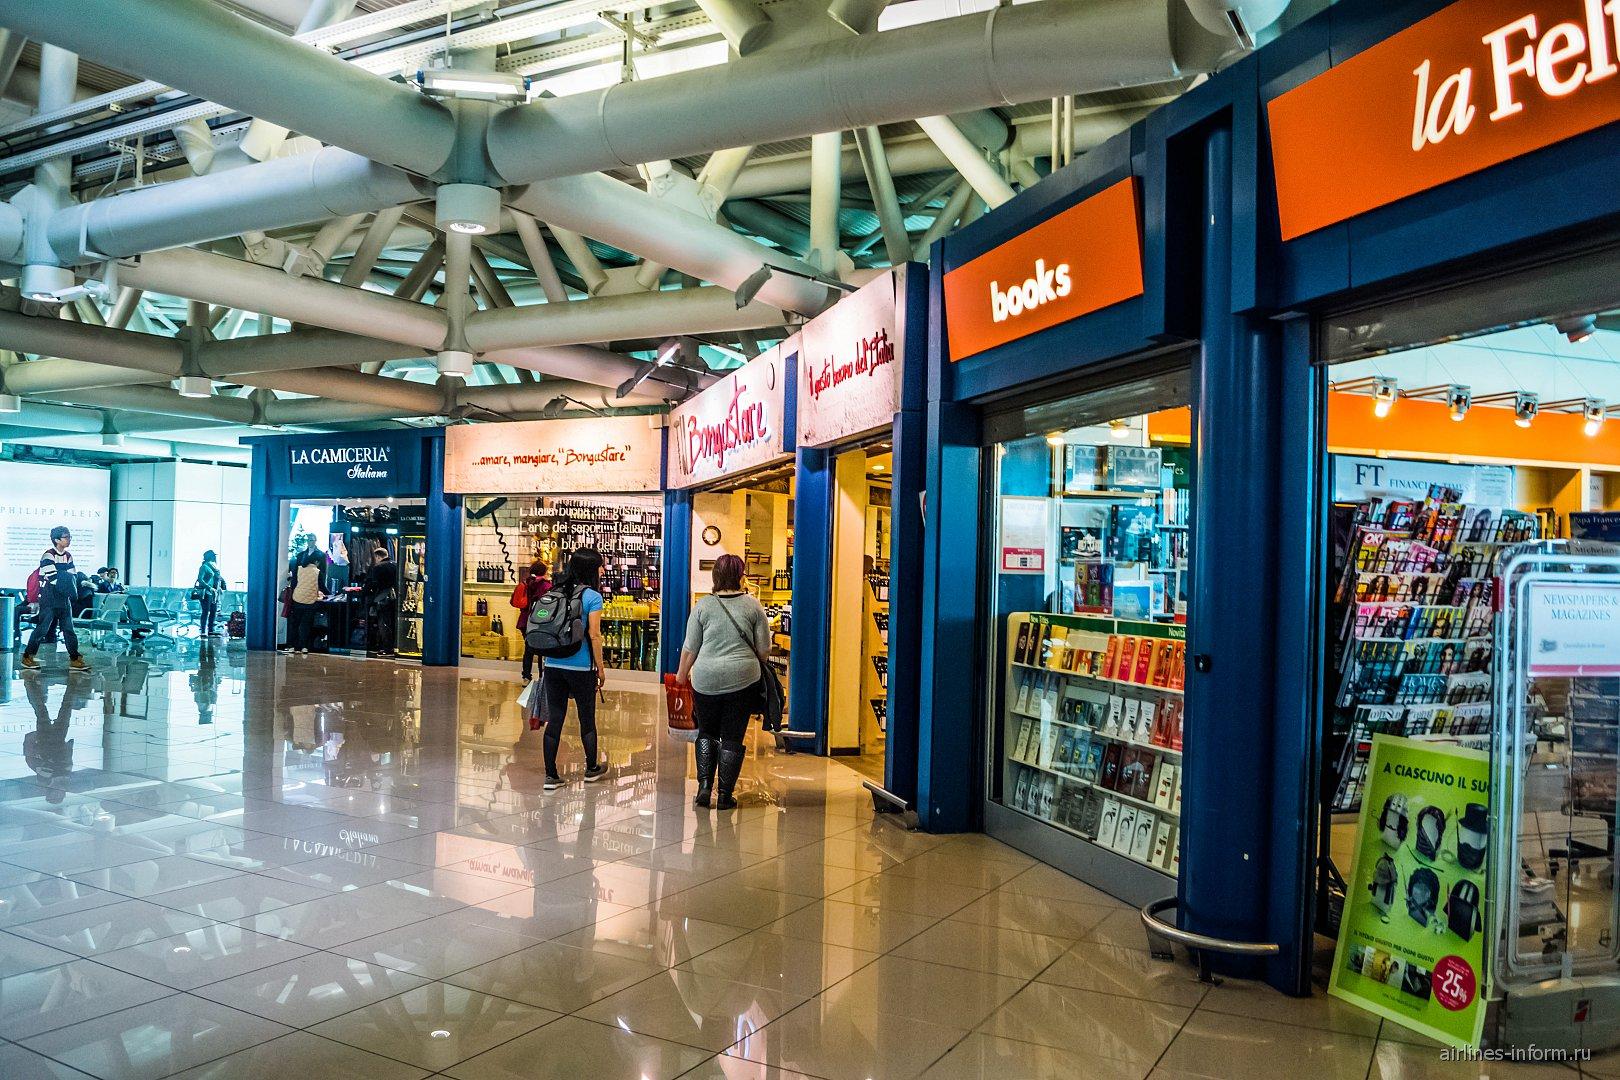 В чистой зоне сектора G терминала 3 аэропорта Рим Фьюмичино